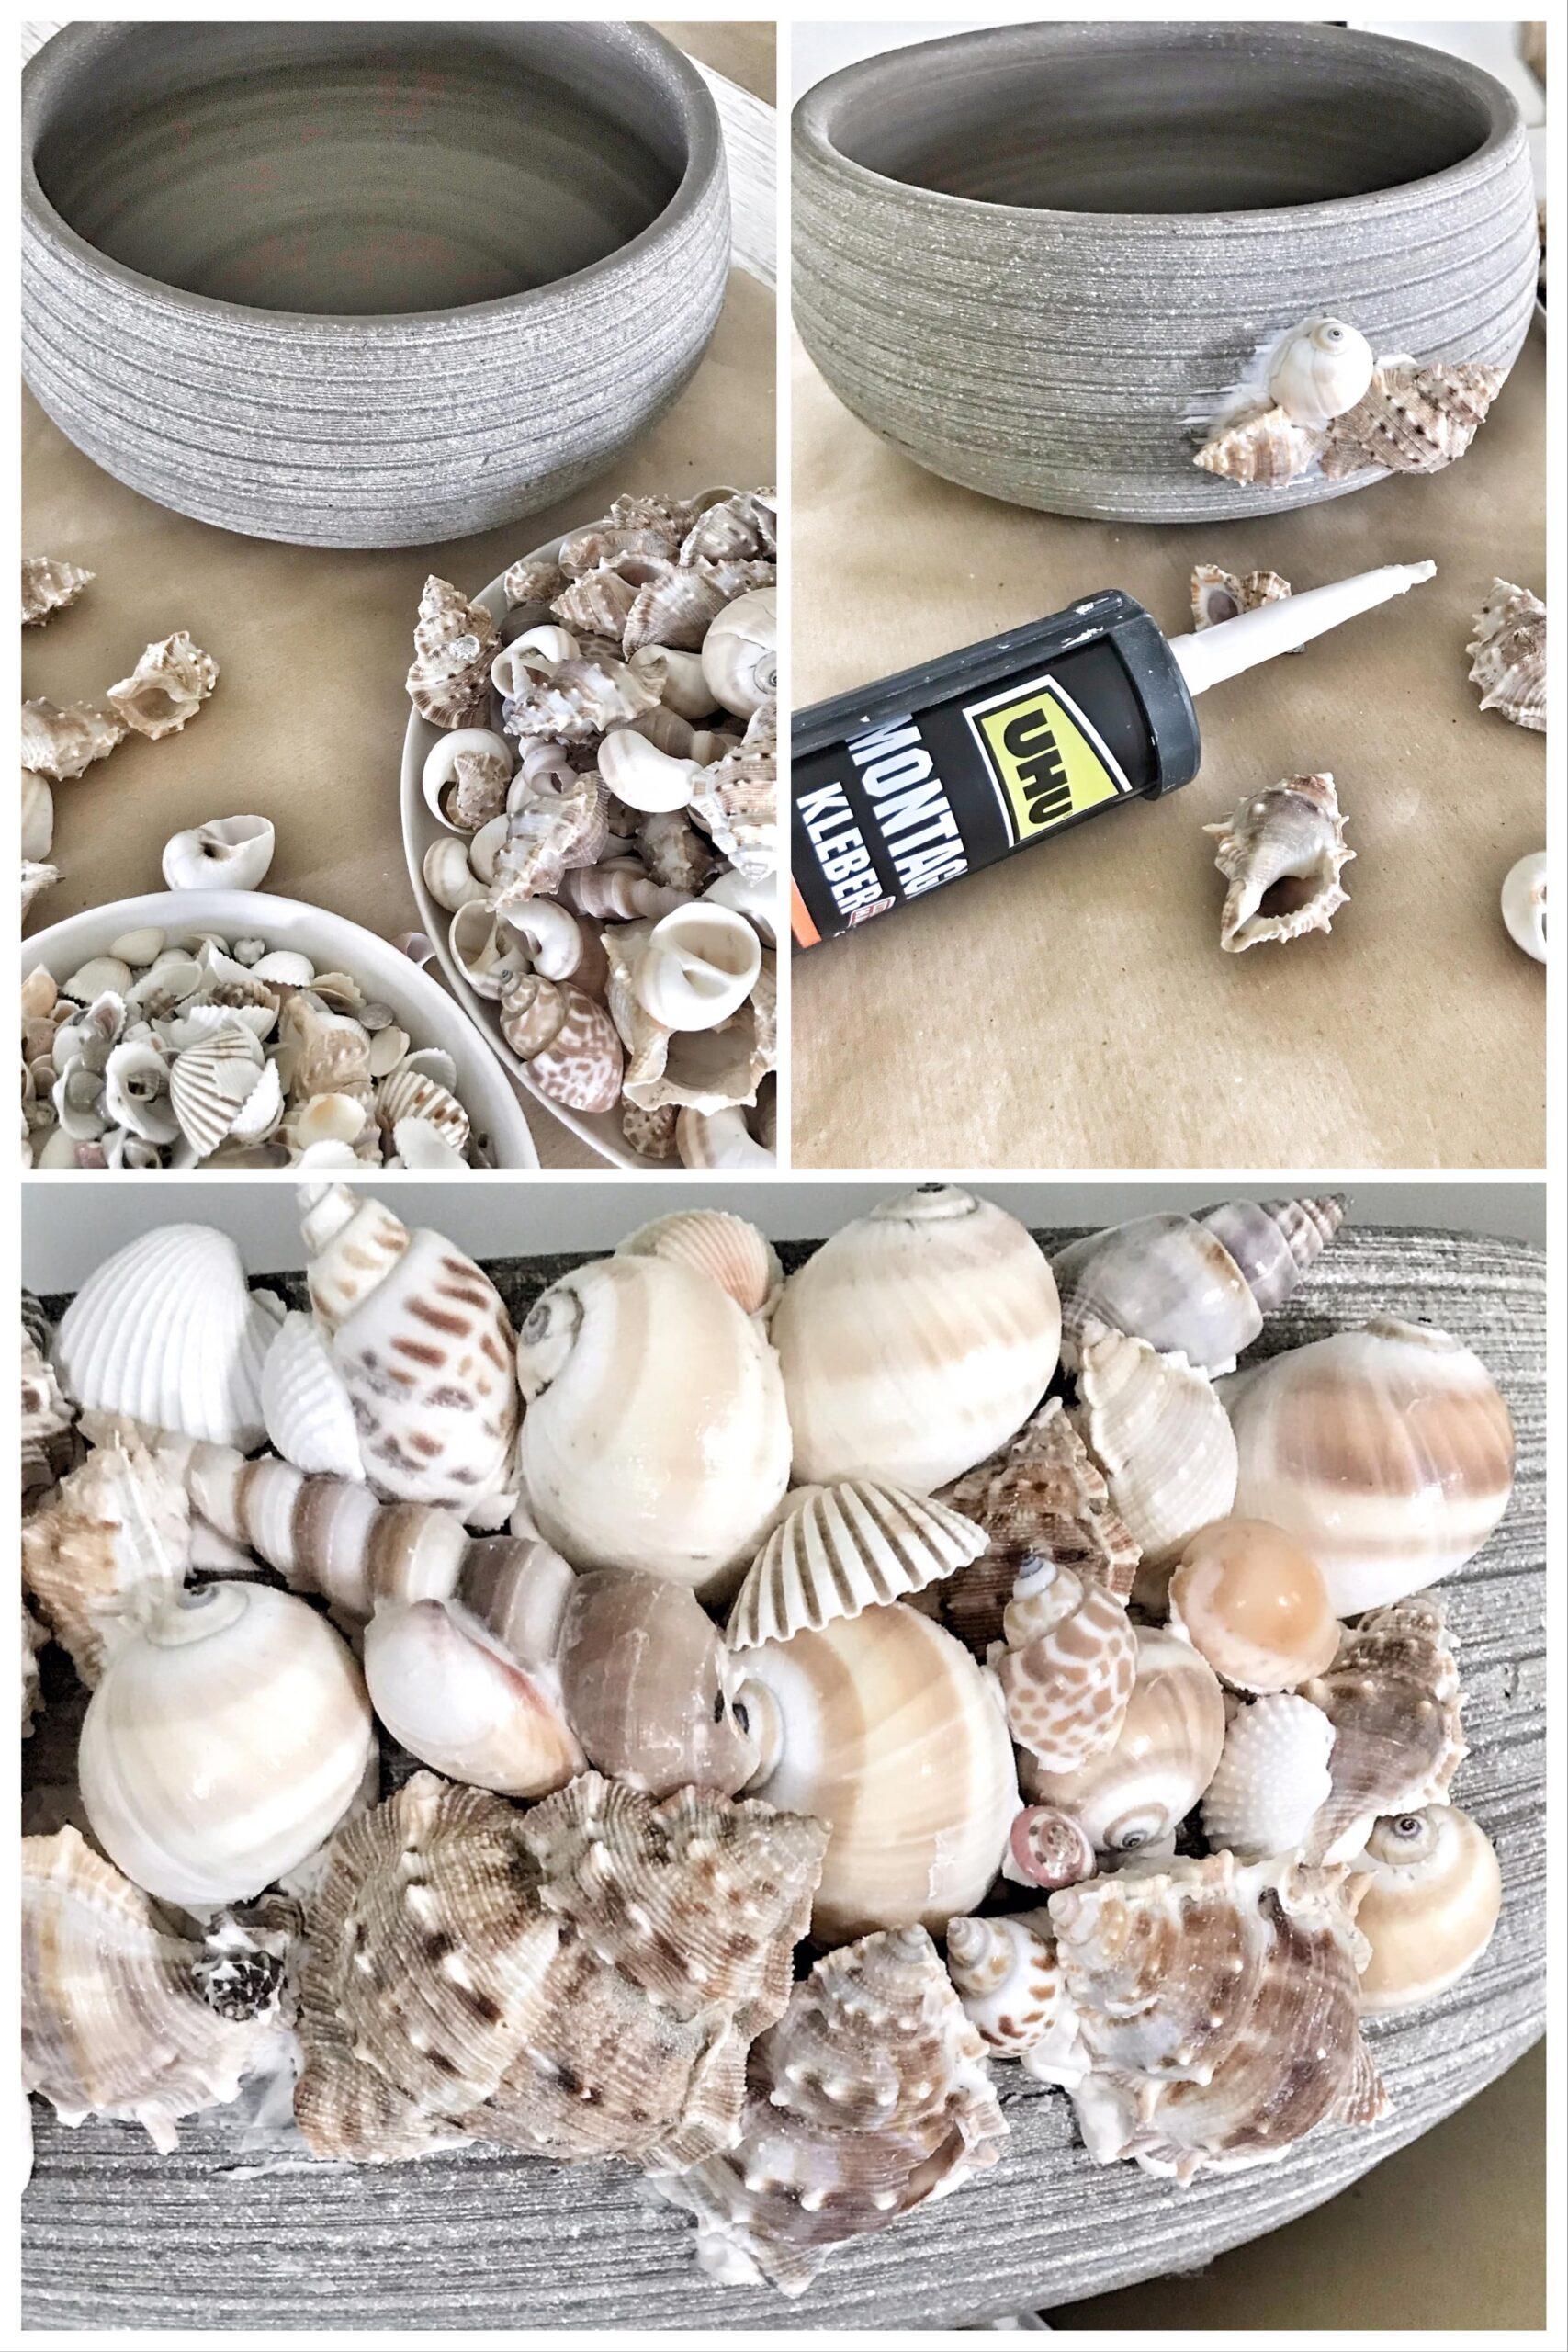 DIY: Maritime Deko: Muschel-Schale für Balkon und Garten #chalet8 #Muschel #Sommerdeko #Maritim #Blumenschale